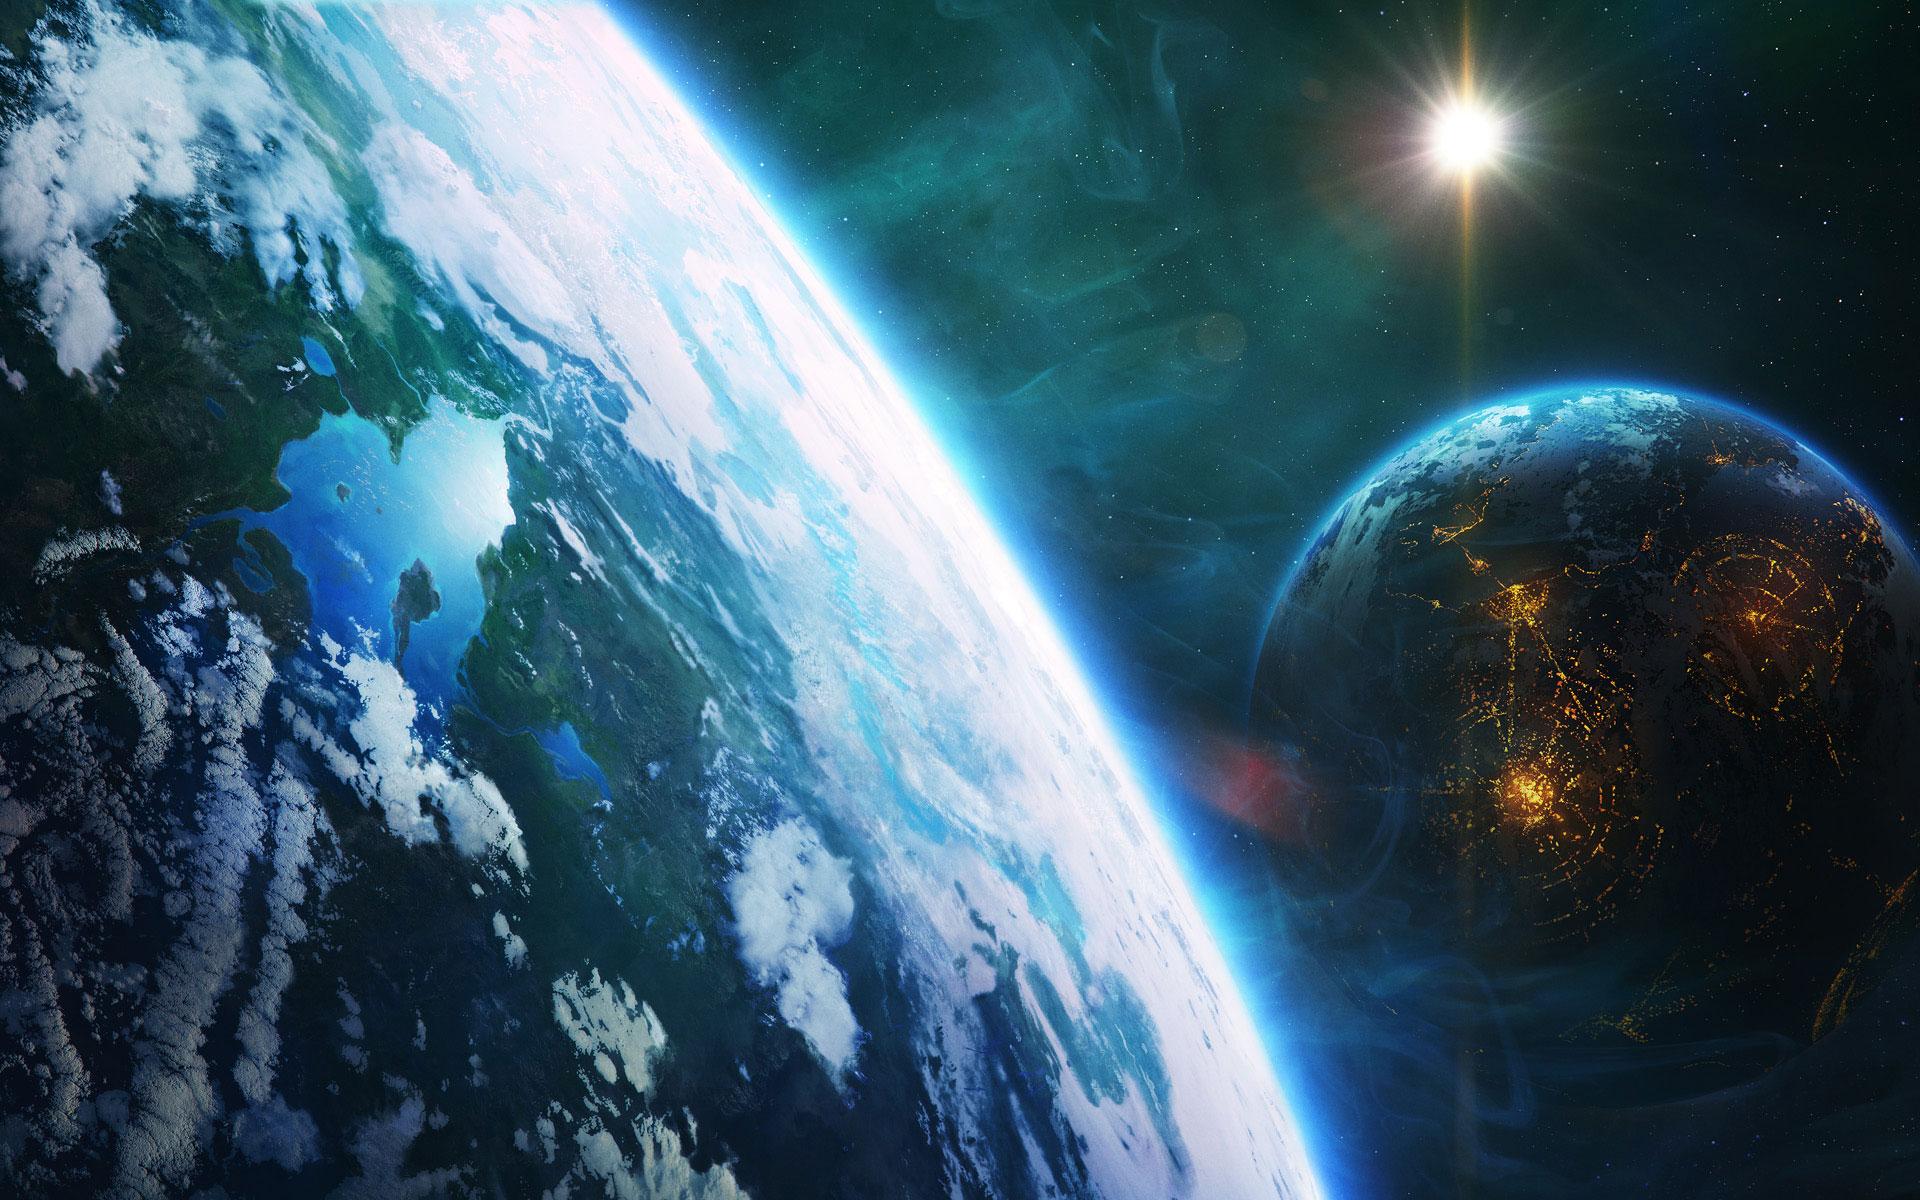 Sci fi planets civilization stars sun space wallpaper ...